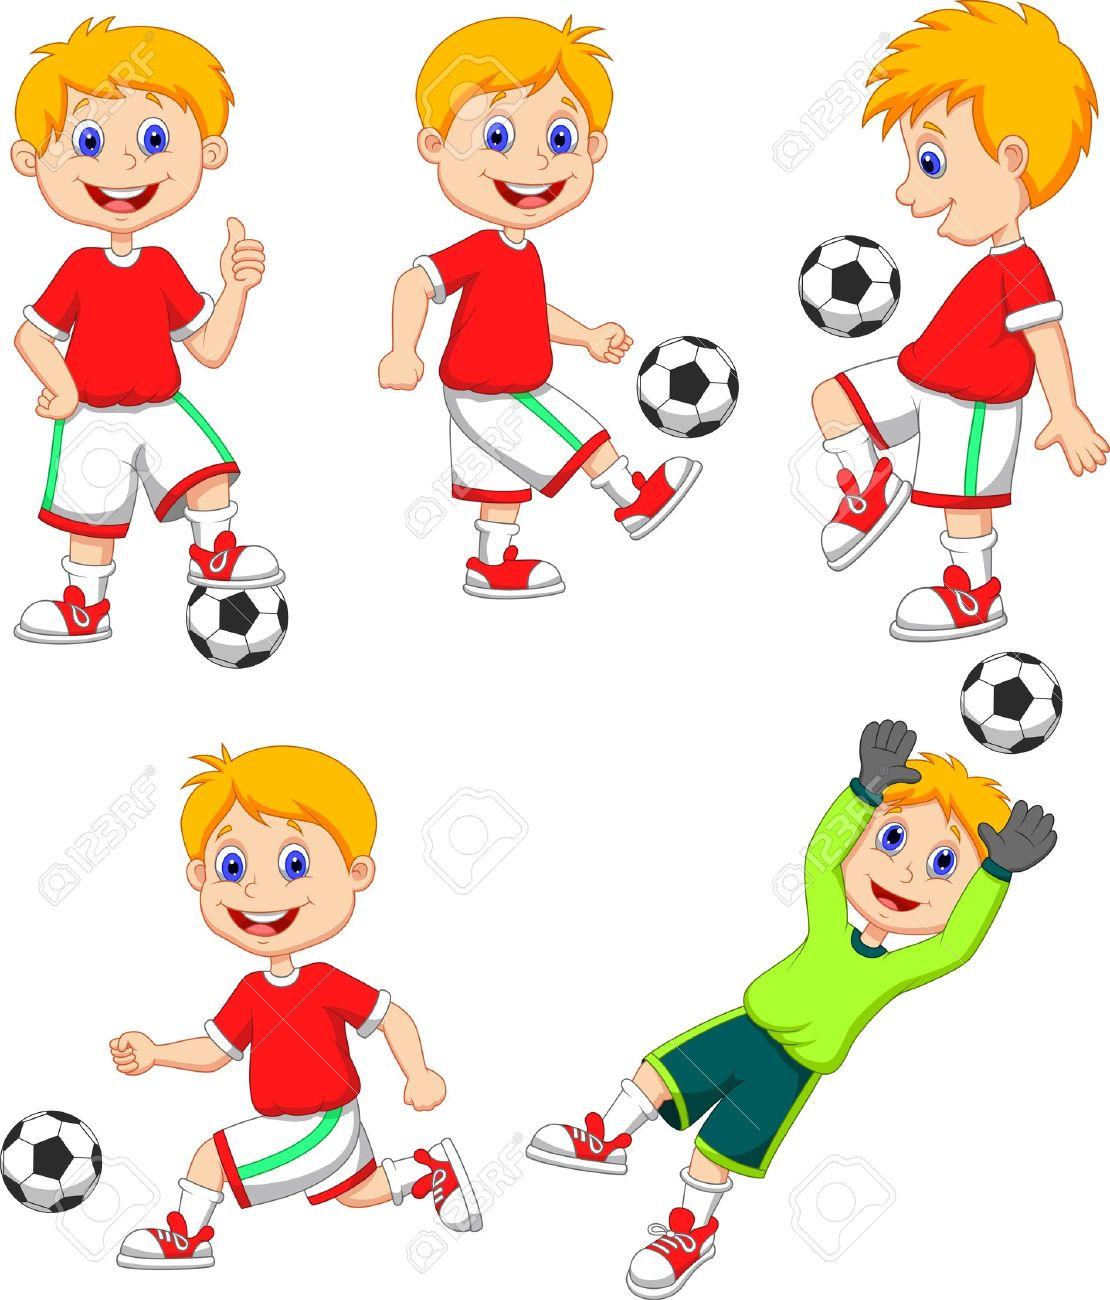 Niño Jugando Al Fútbol Imágenes De Archivo, Vectores, Niño ...